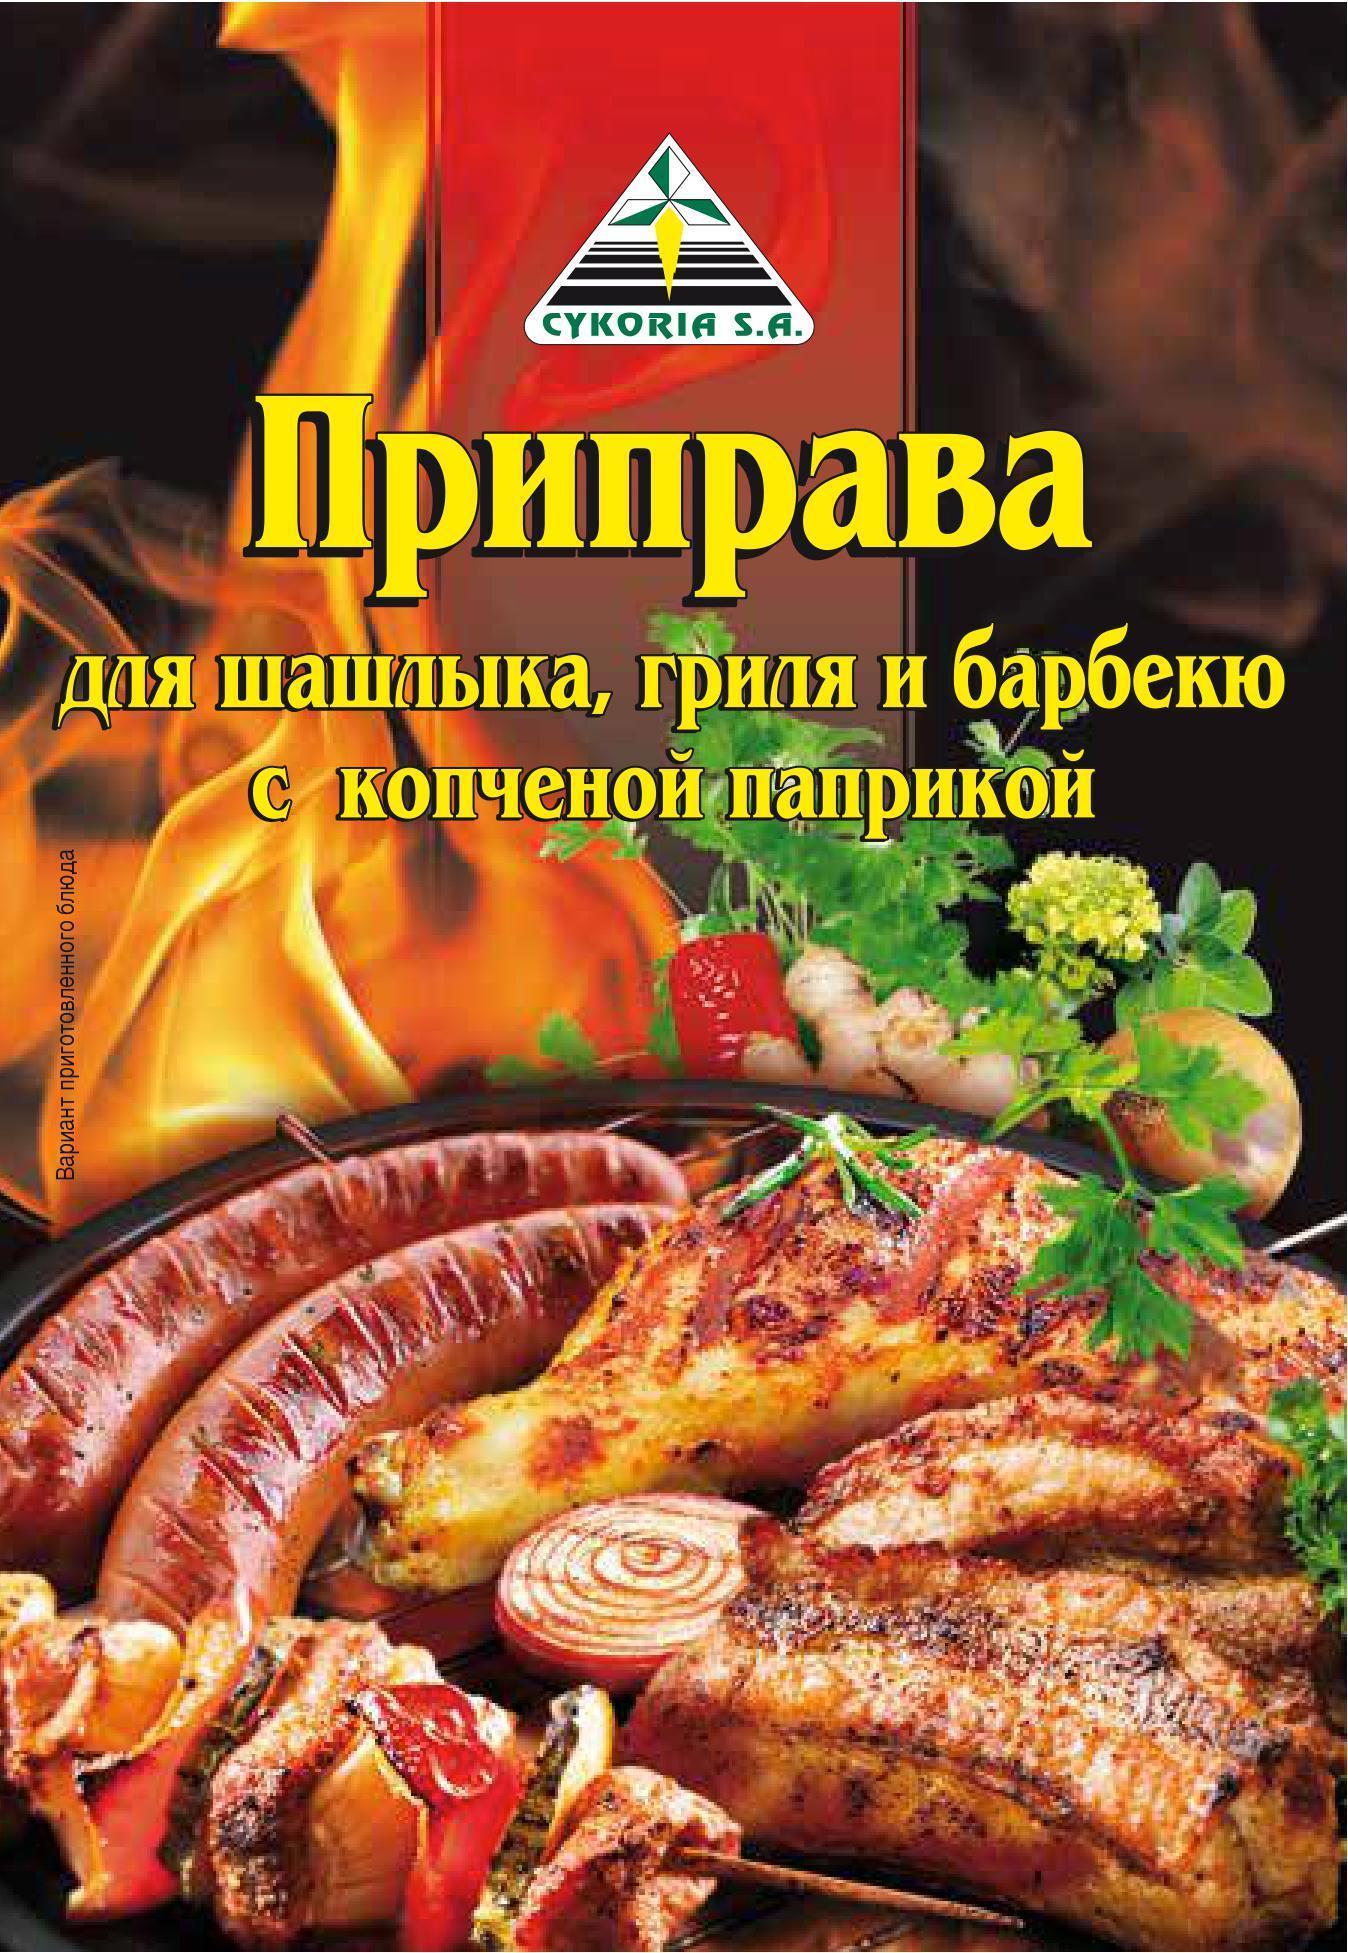 Приправа для шашлыка, гриля и барбекю с копченой паприкой, 35п х 35г